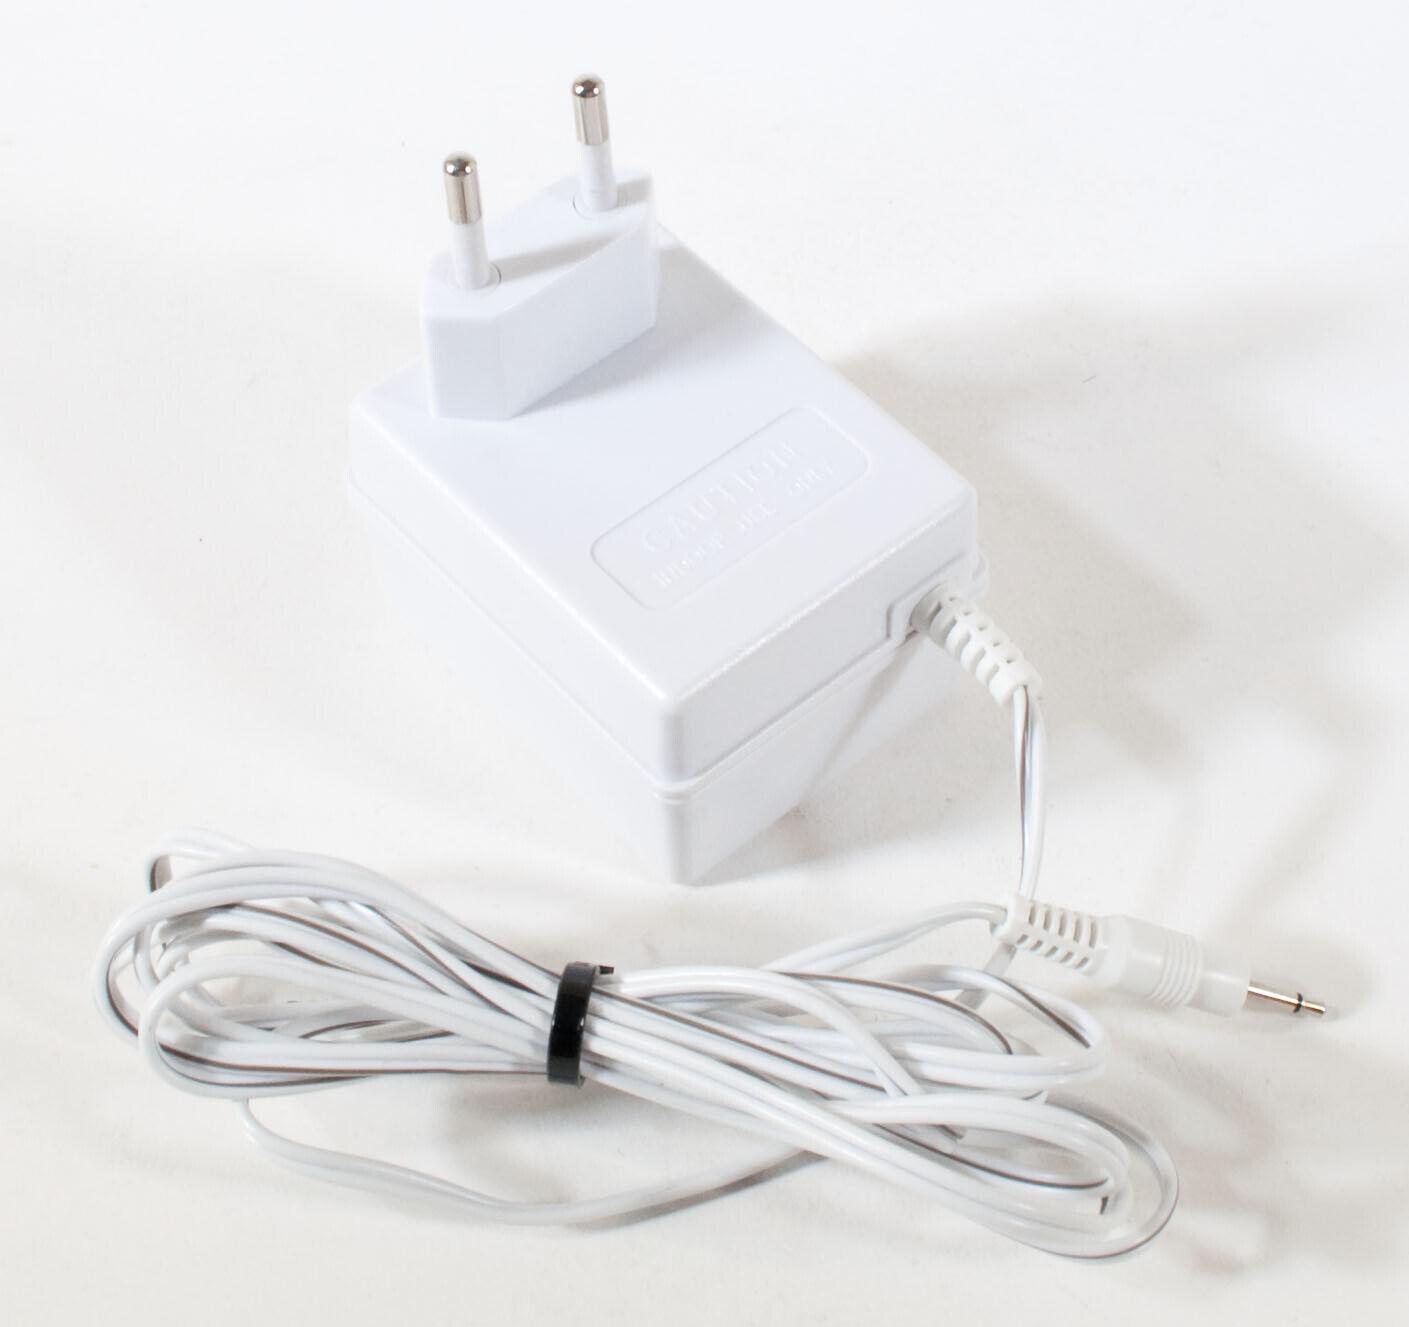 TPL-0240800-GS-1C AC Adapter 2.4V 800mA Original Power Supply Europlug W321